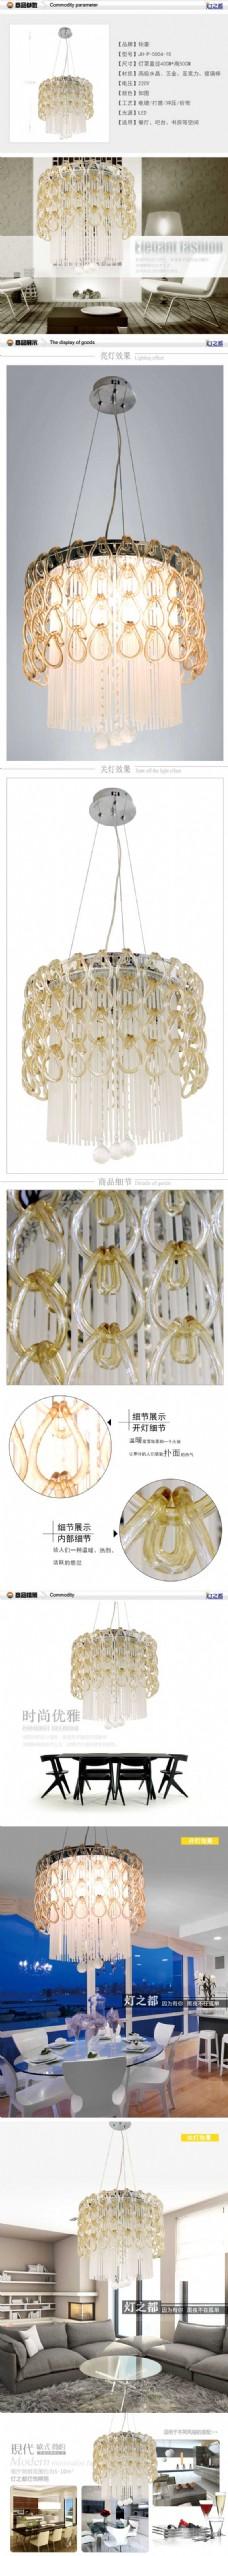 优雅时尚水晶灯-灯具描述